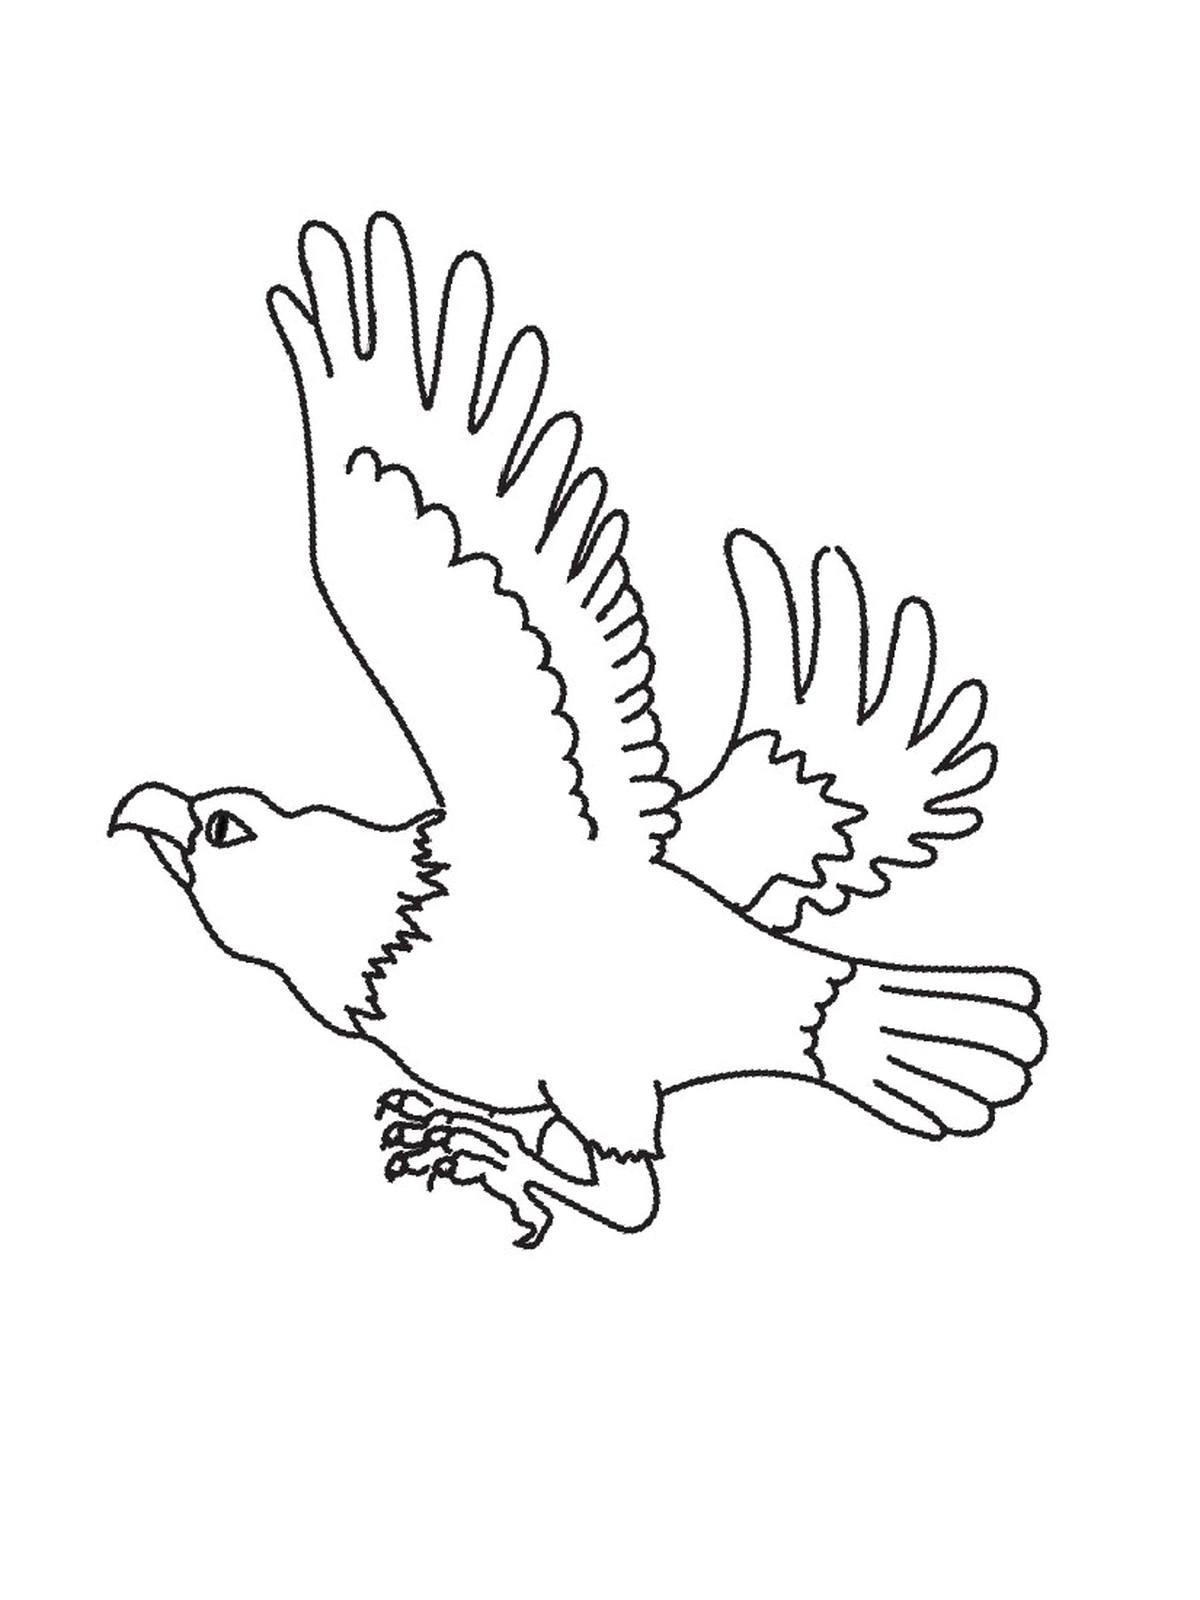 Adler Zeichnungen Zum Ausmalen Das Beste Von Adler Ausmalbilder Für Kinder Gratis Einzigartig Ausmalbilder Adler Sammlung